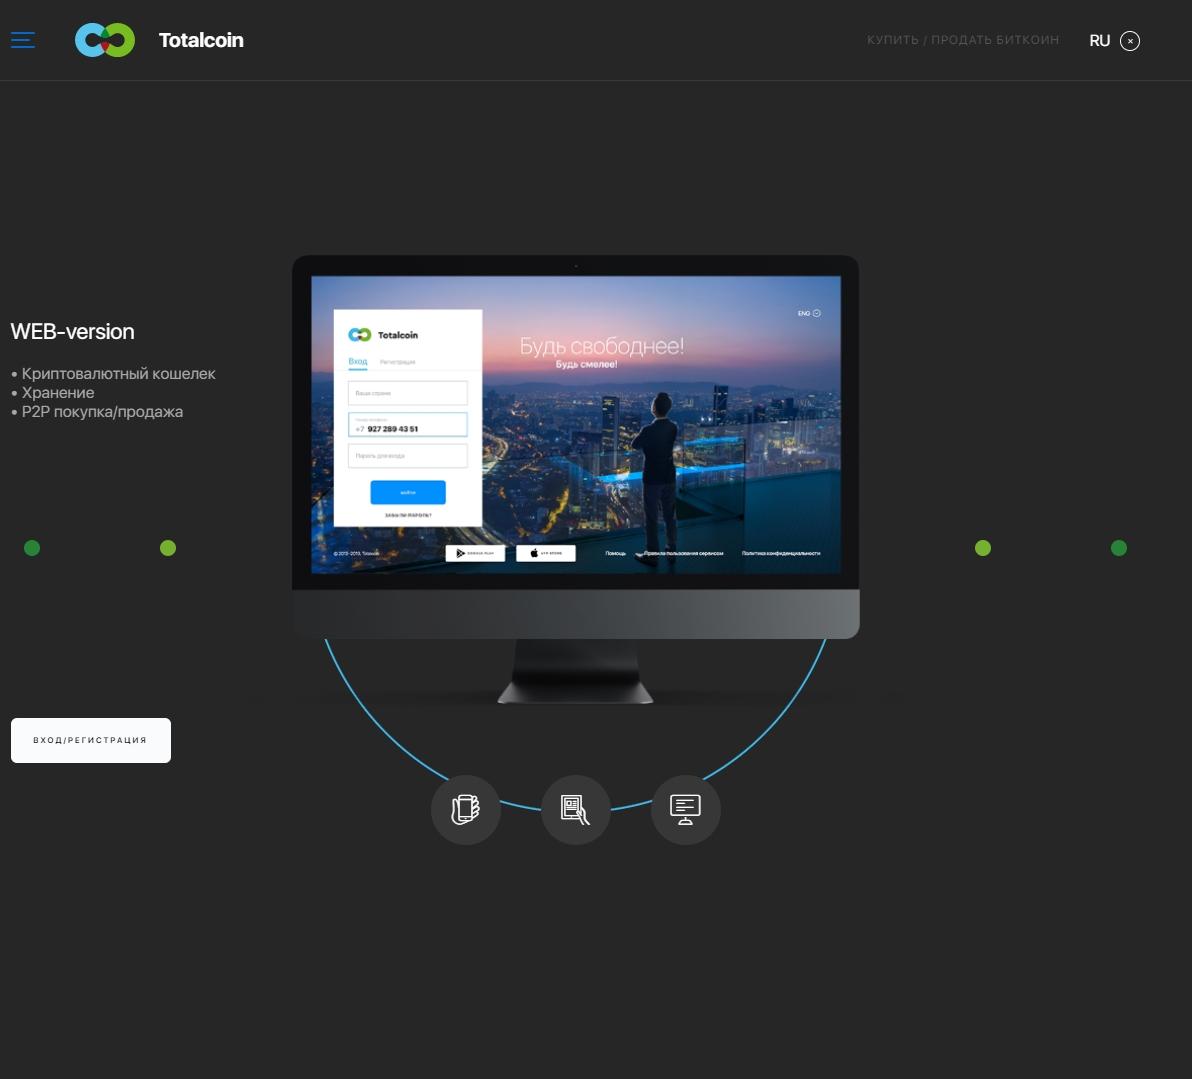 Обзор проекта Totalcoin.io